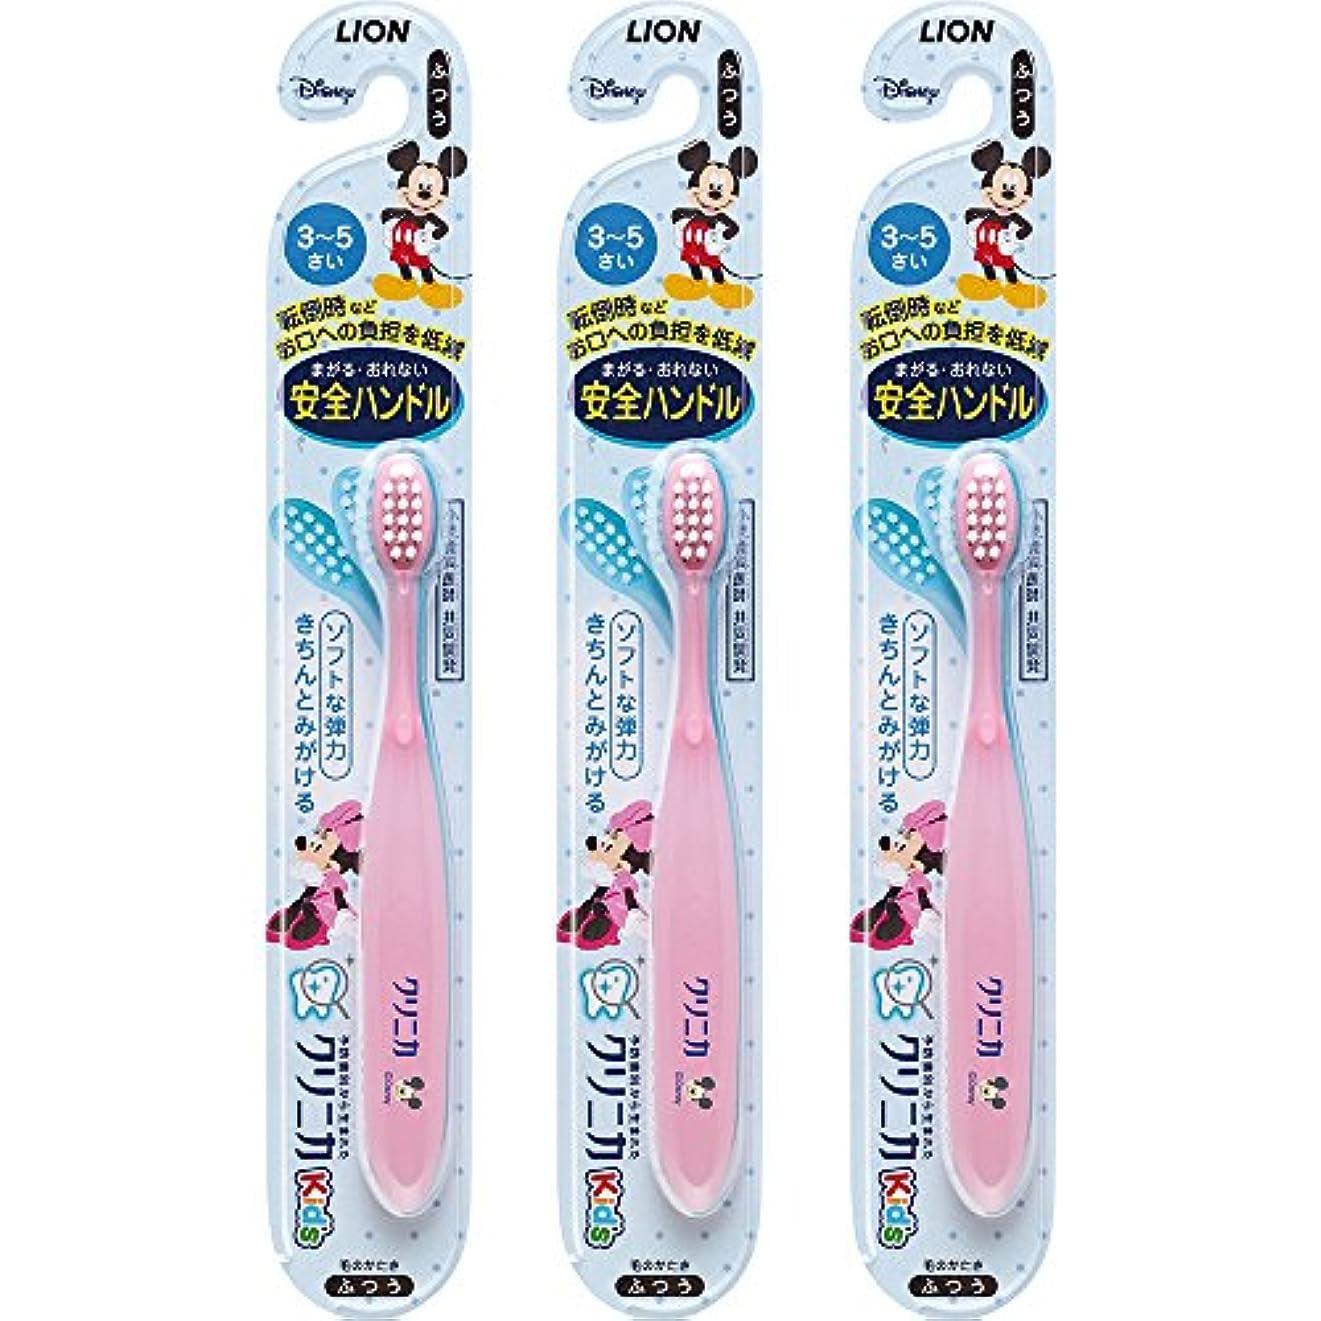 シーフード従事したシャークリニカKid's ハブラシ 3-5才用 3本(ピンク)